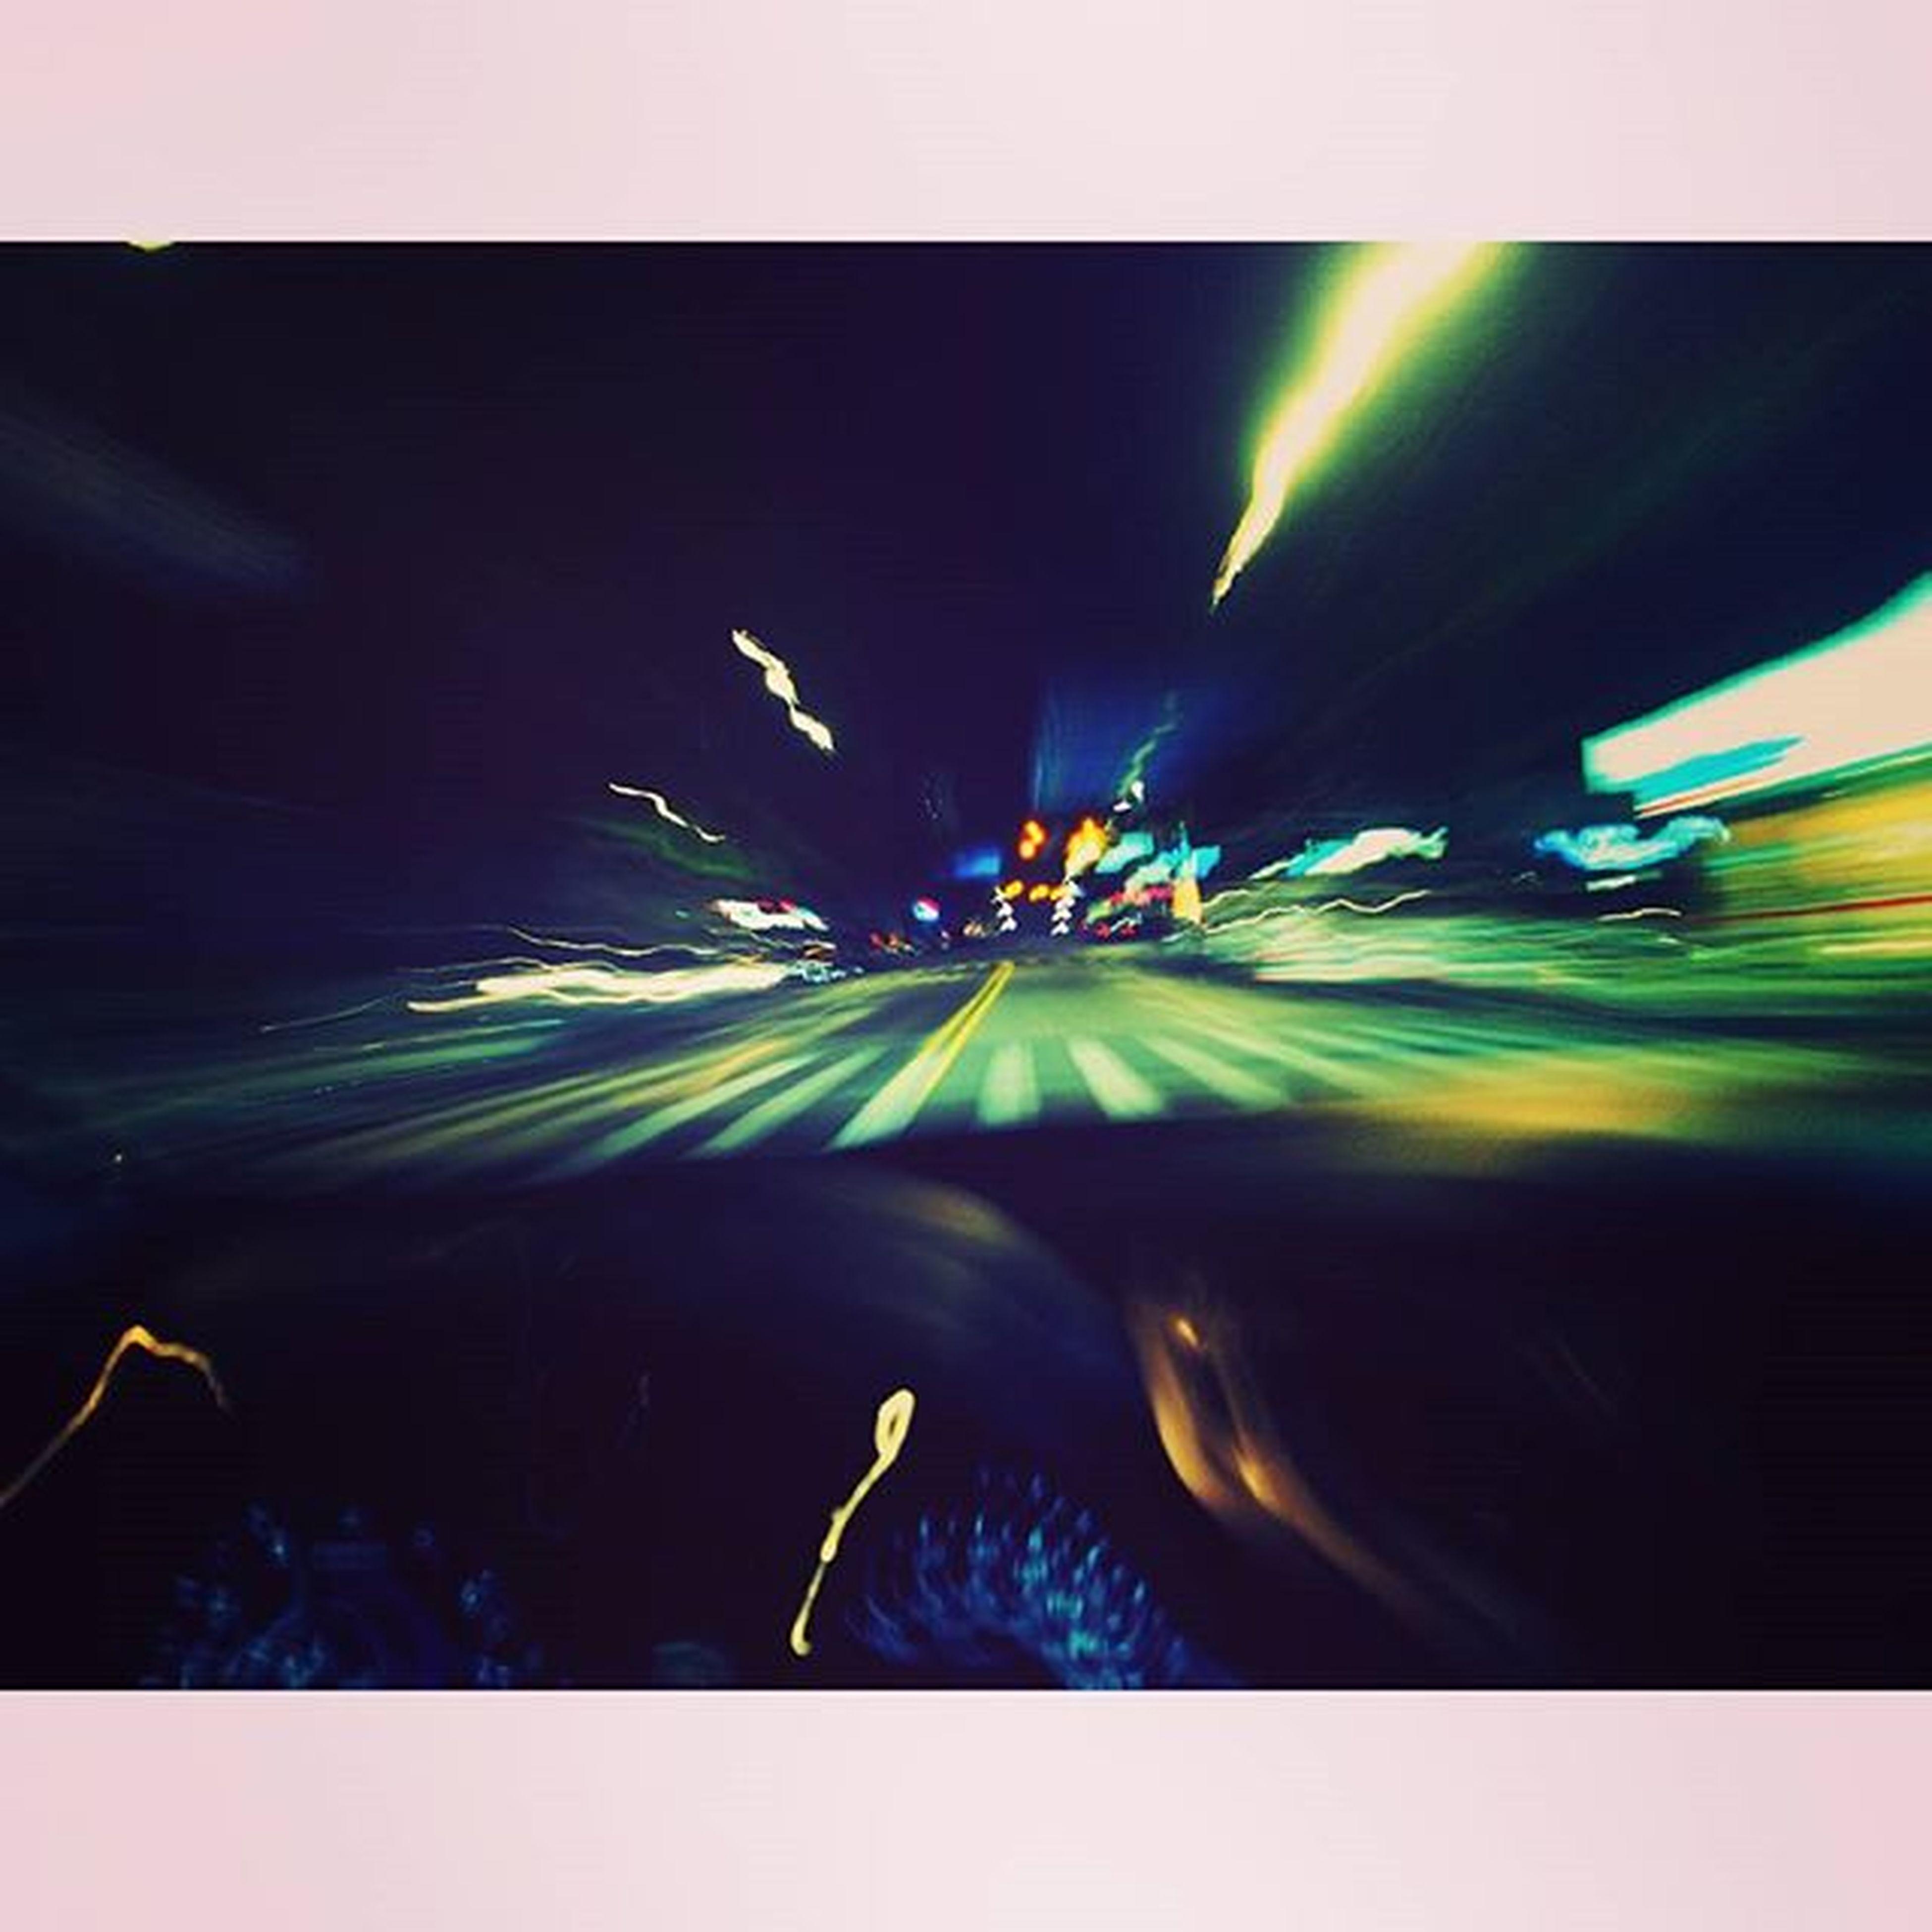 일상 데일리 Daily Dailyphoto Photo Korean 올림푸스 Olympusomd 드라이브 Drive 선팔 맞팔 소통 빨라보이지만 시속10km . . . . 오늘밤엔 어디든 떠나리.